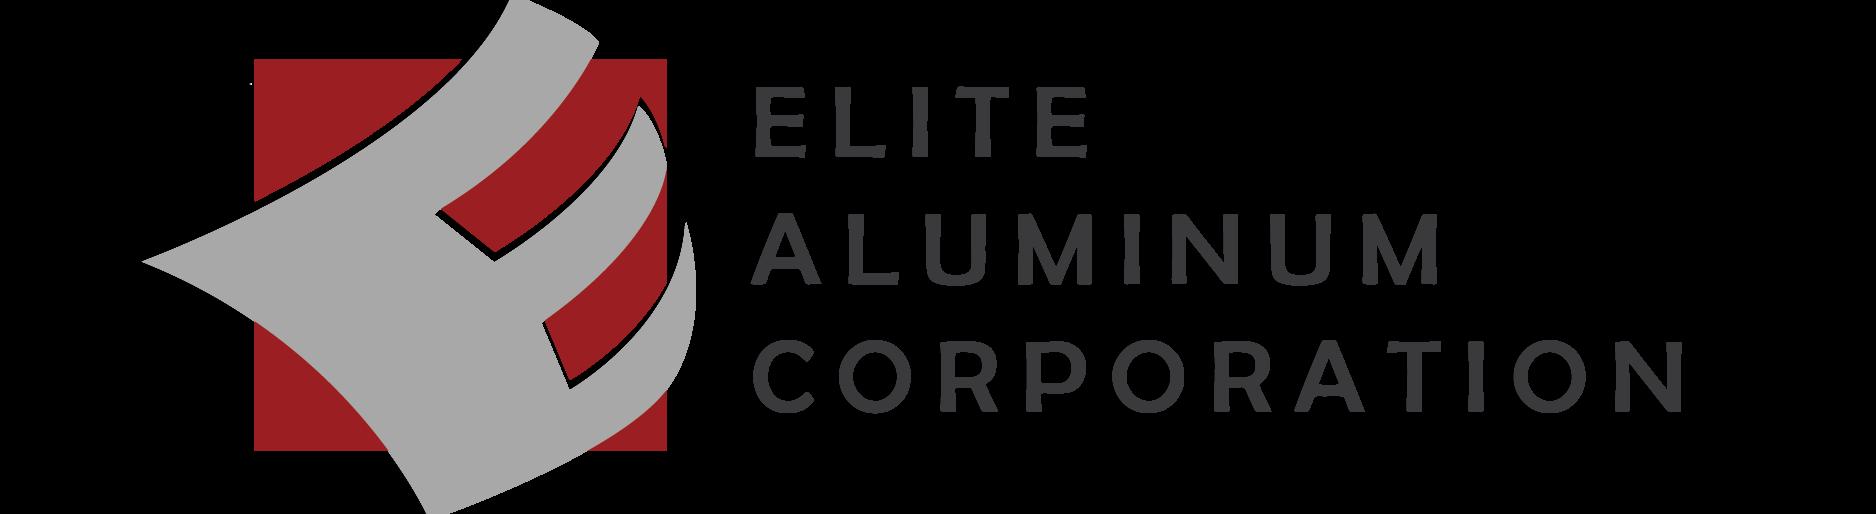 Elite Aluminum